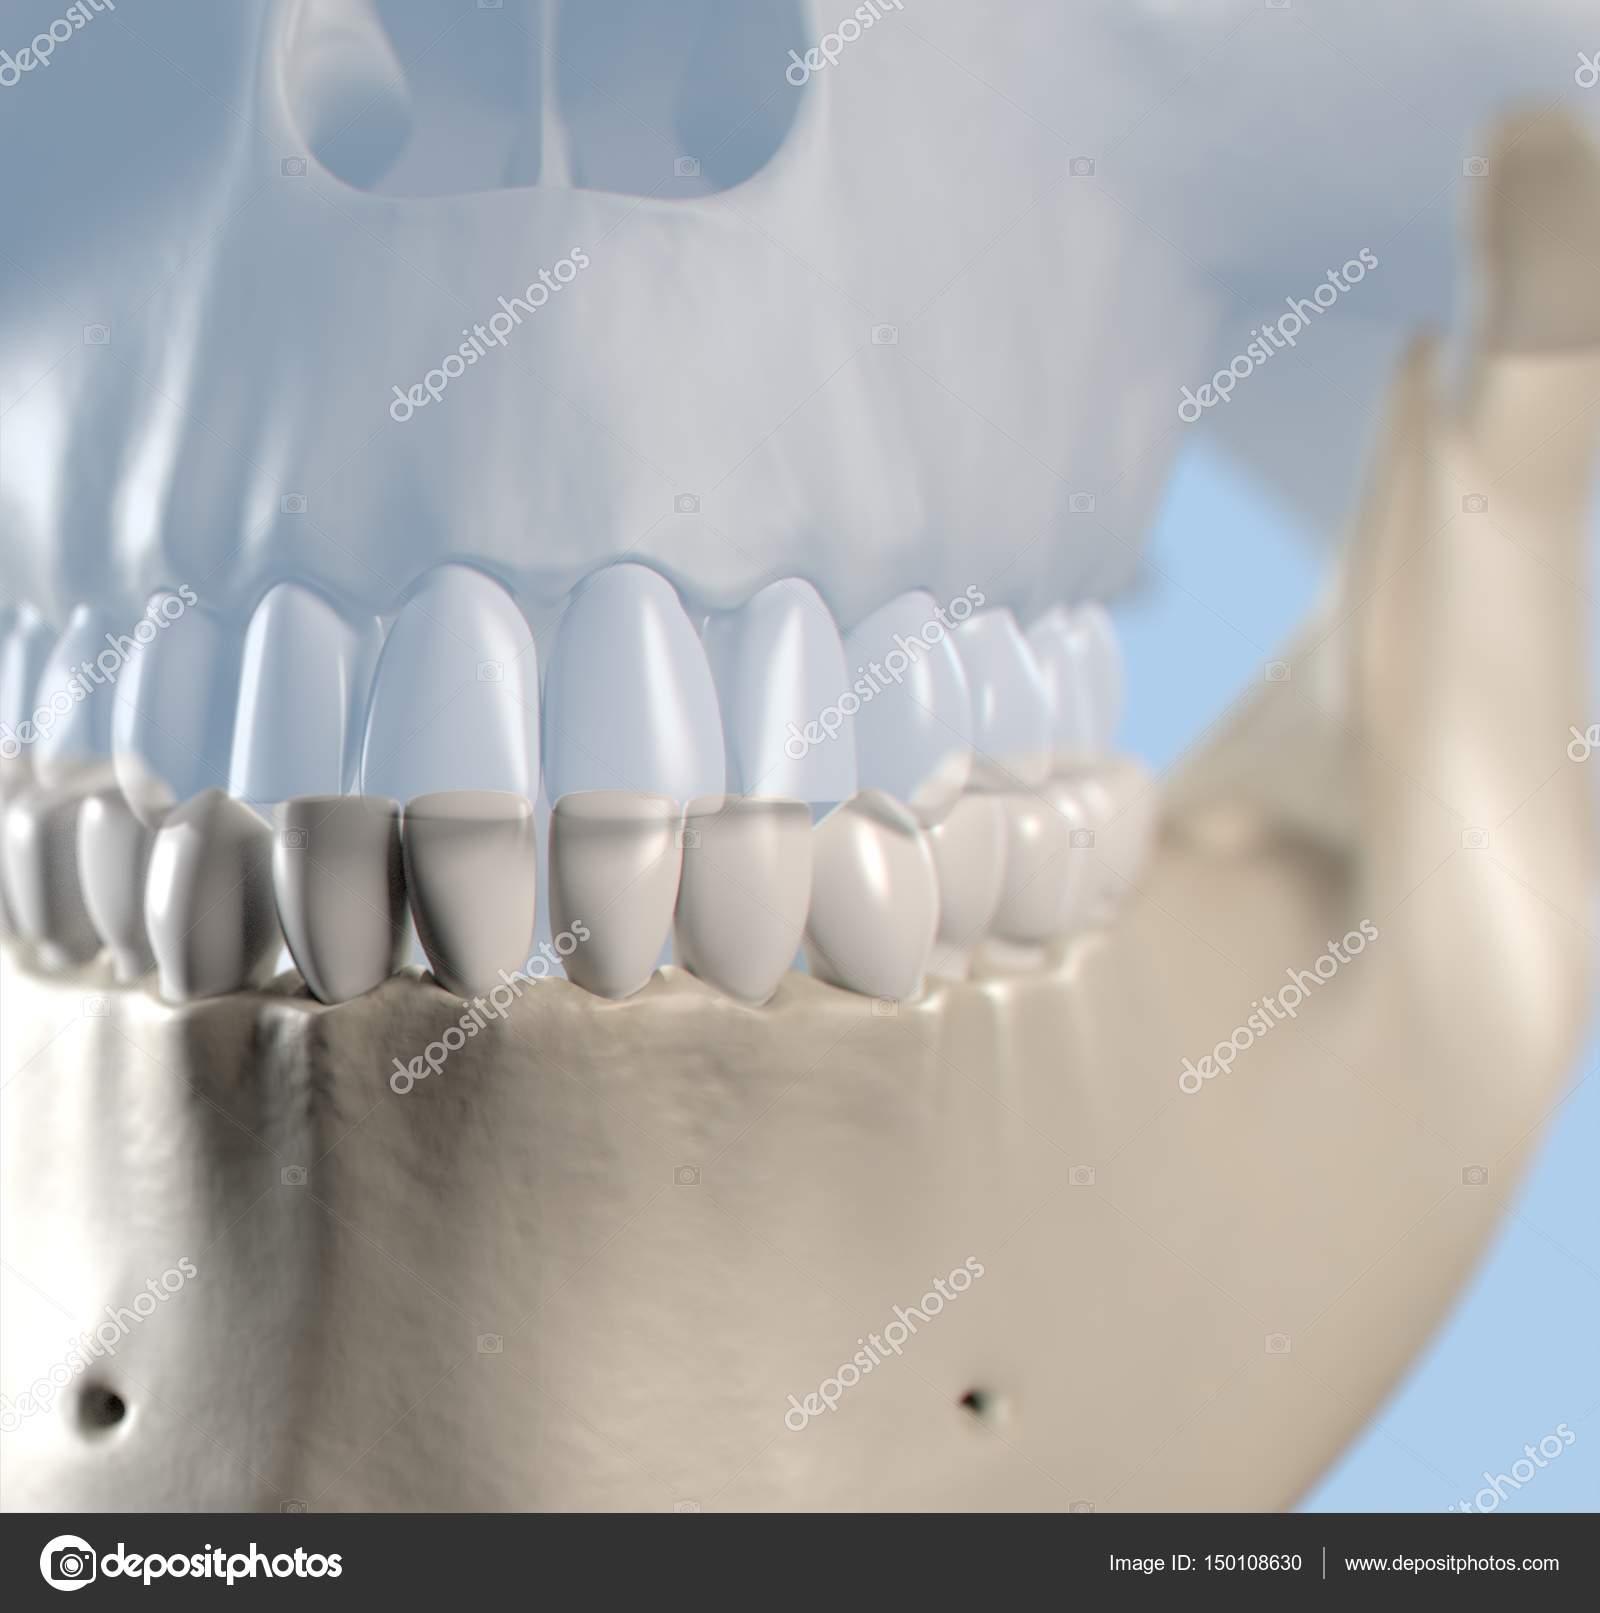 Human Teeth Anatomy Model Stock Photo Anatomyinsider 150108630